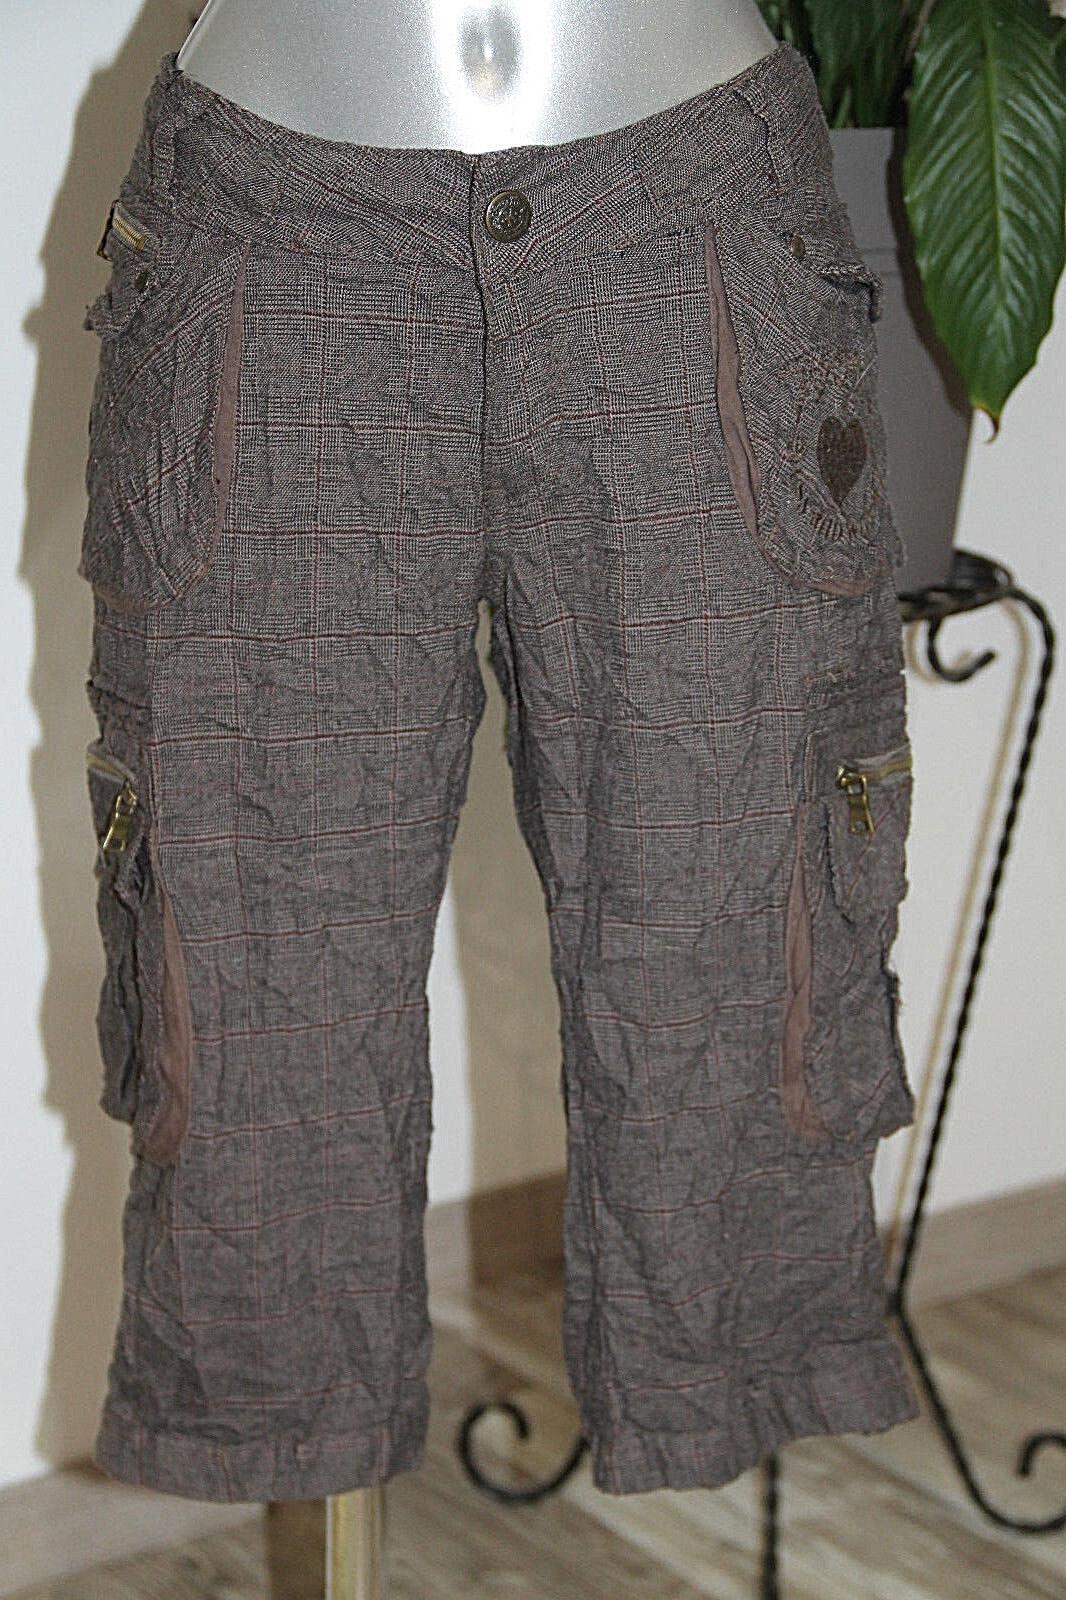 Carino pantalone a tre quarti verificatoa quadretti grey brown KAPORAL